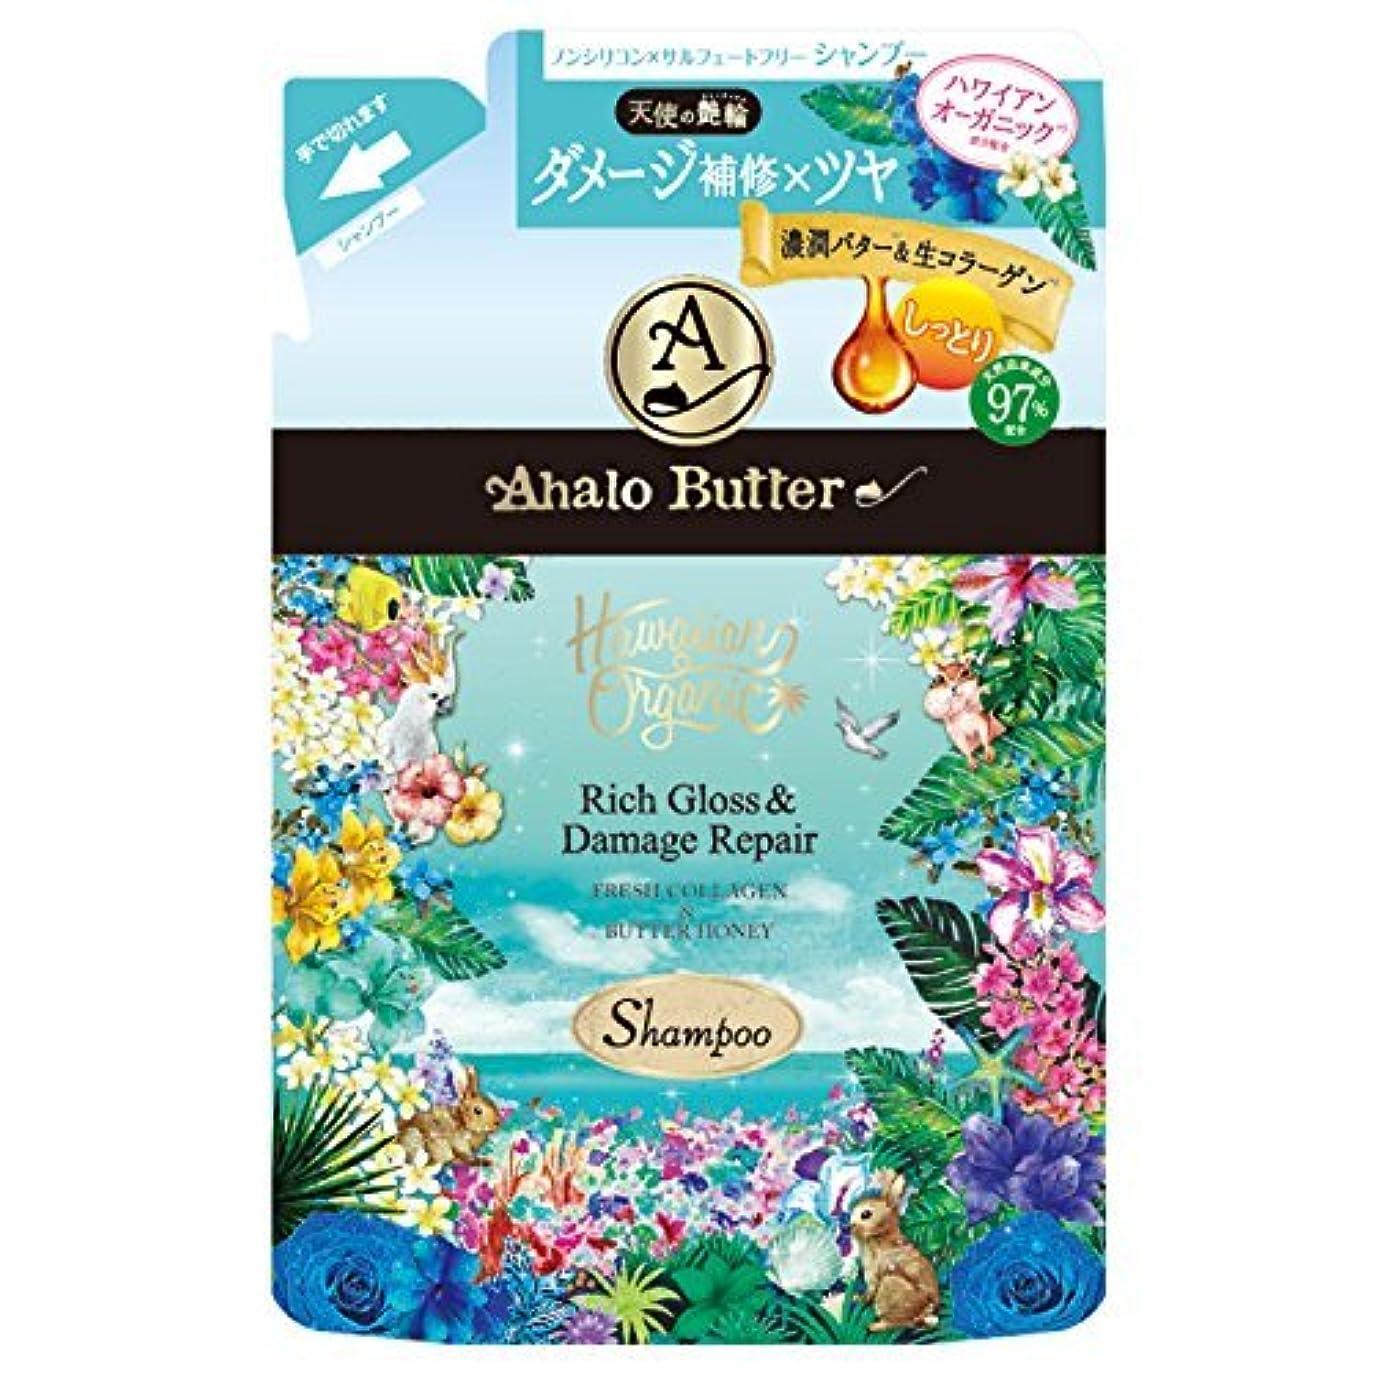 くすぐったい統合全くAhalo butter(アハロバター) ハワイアンオーガニック リッチグロス&ダメージリペア モイストシャンプー / 詰め替え / 400ml